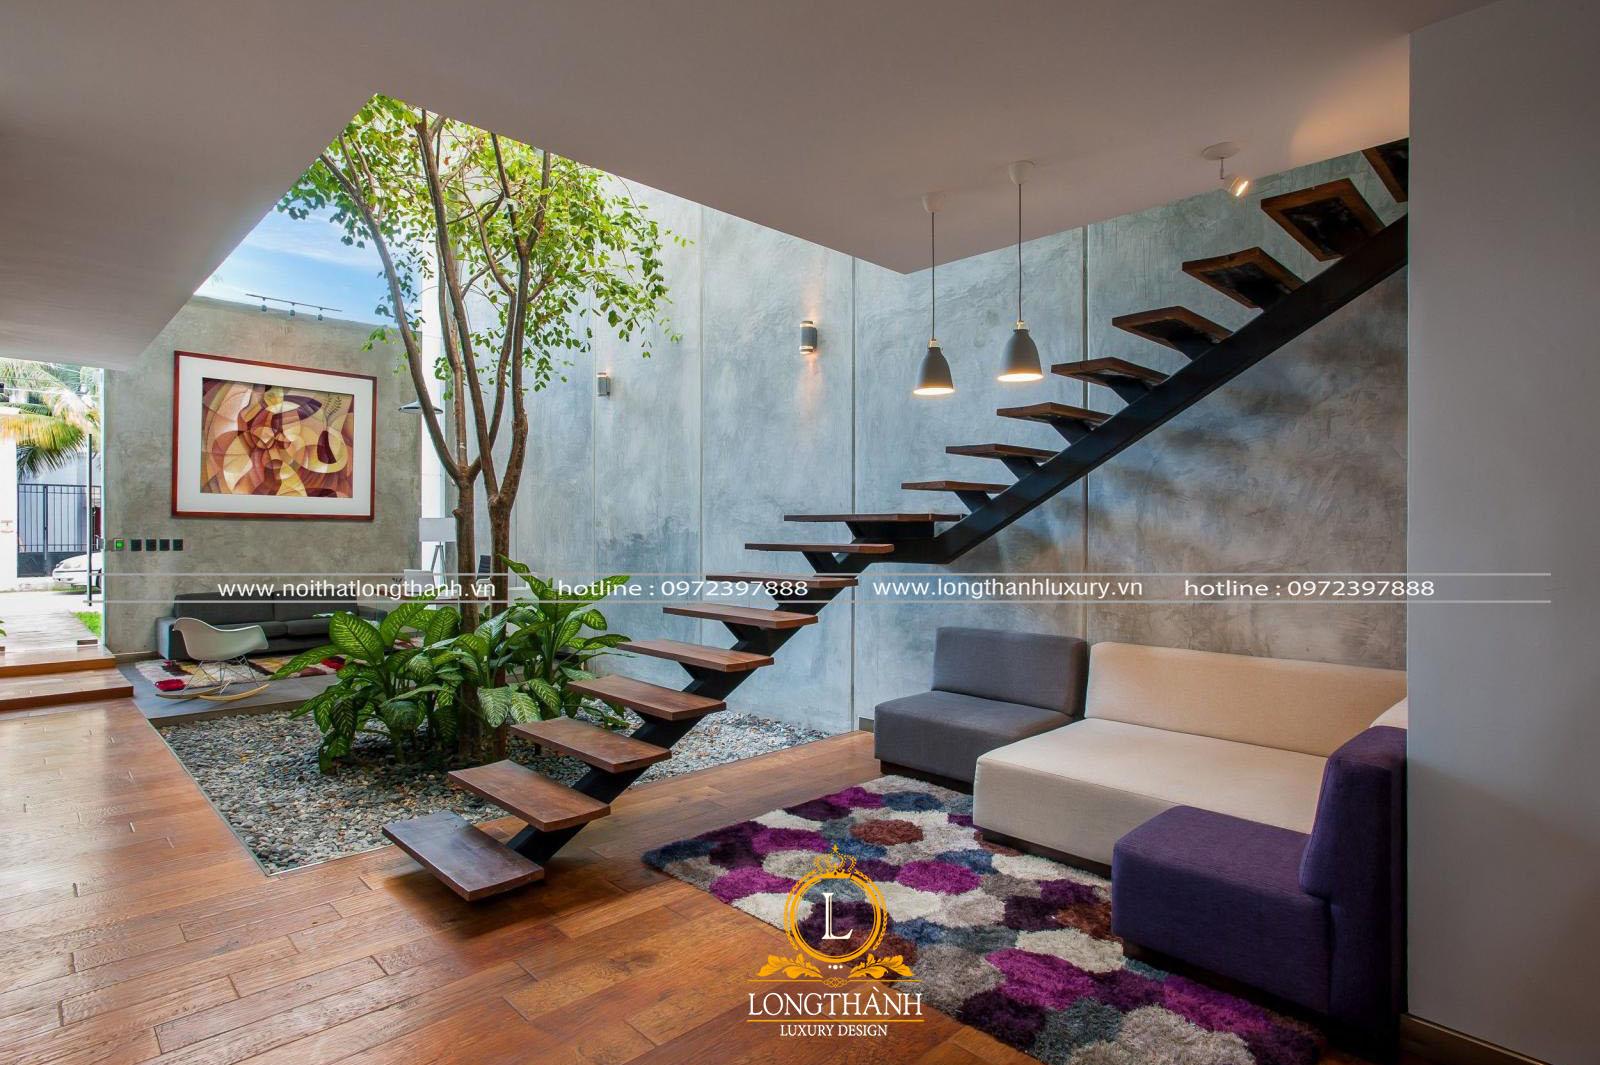 Những ý tưởng thiết kế tận dụng gầm cầu thang độc đáo